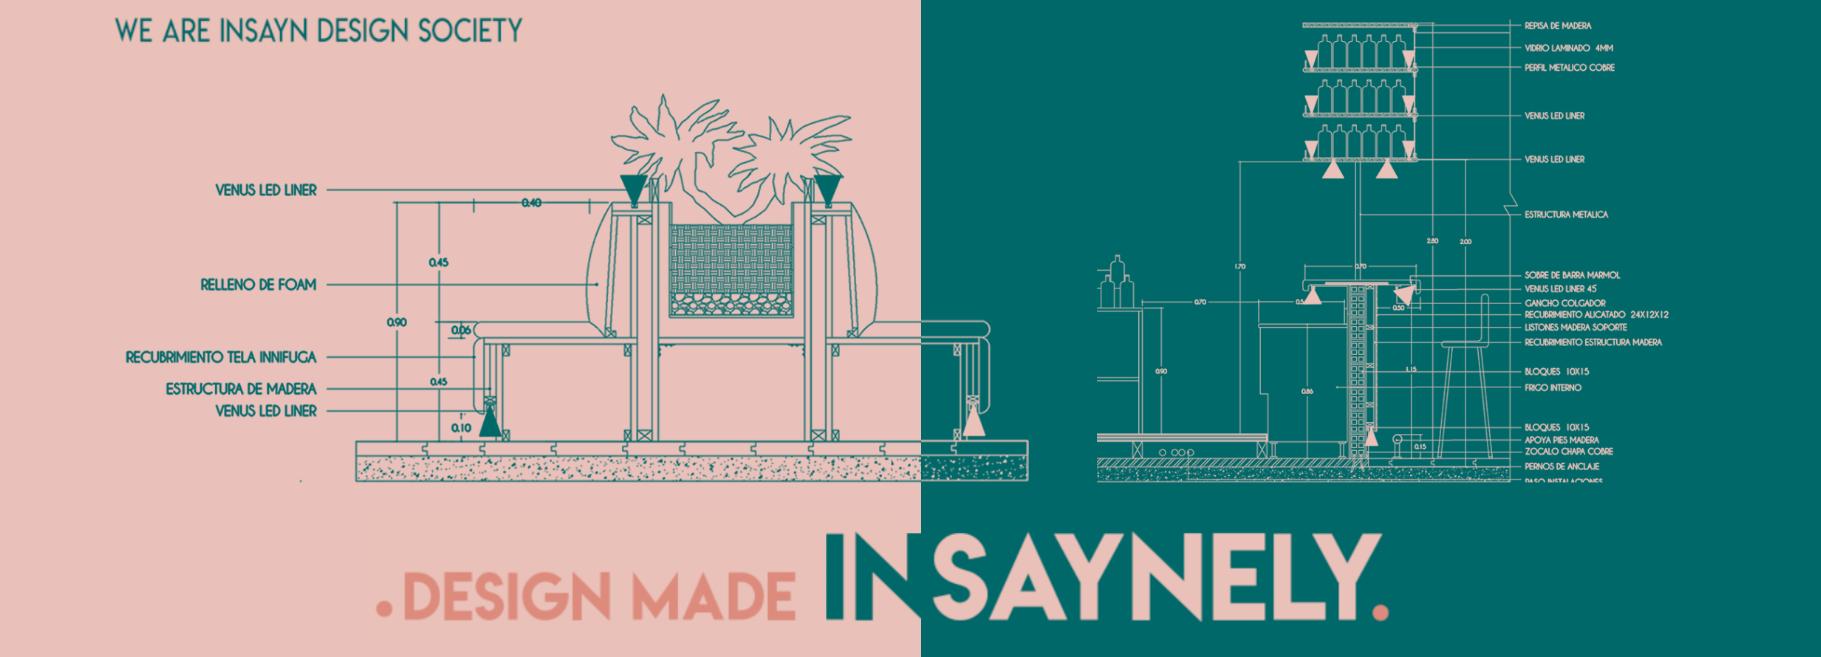 insayn design society es lo mejor del diseño funcional y lleno de estilo. 11